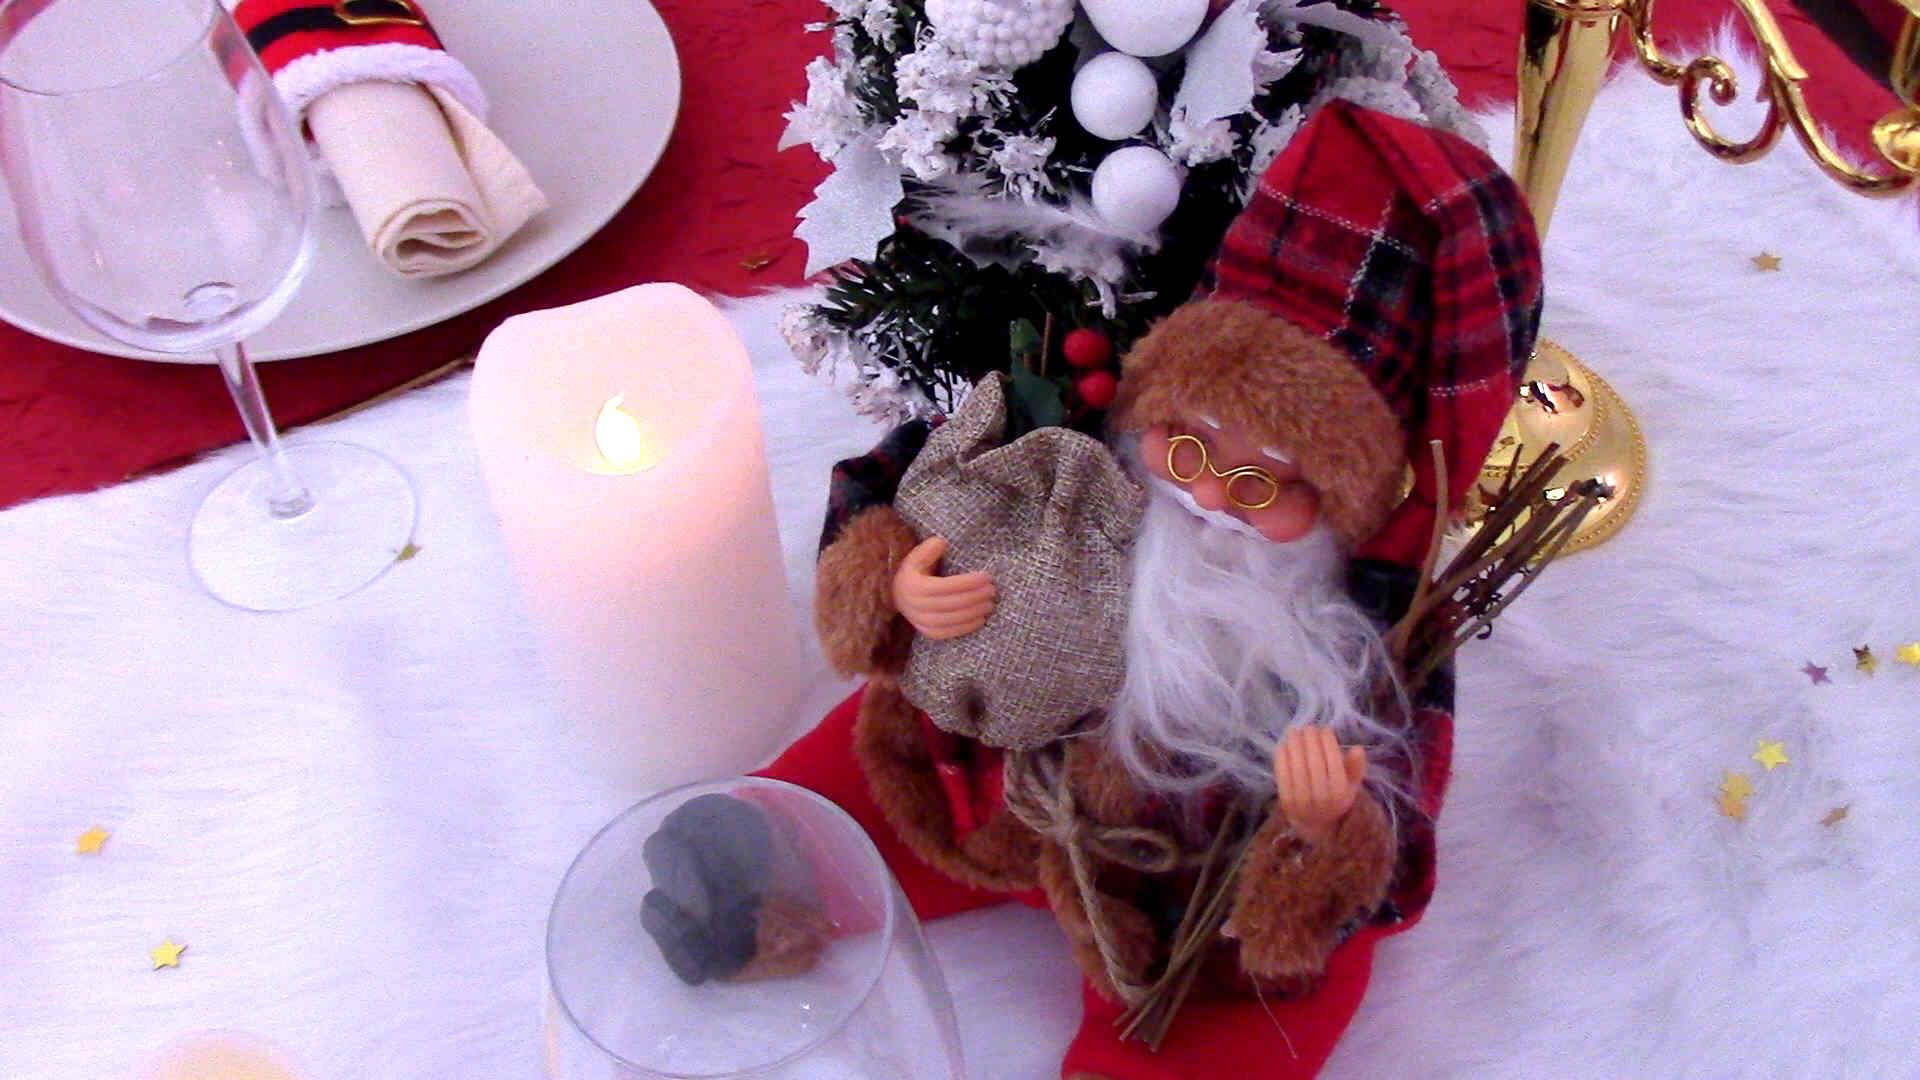 Centre de table Noël chic avec décoration Père Noël assis